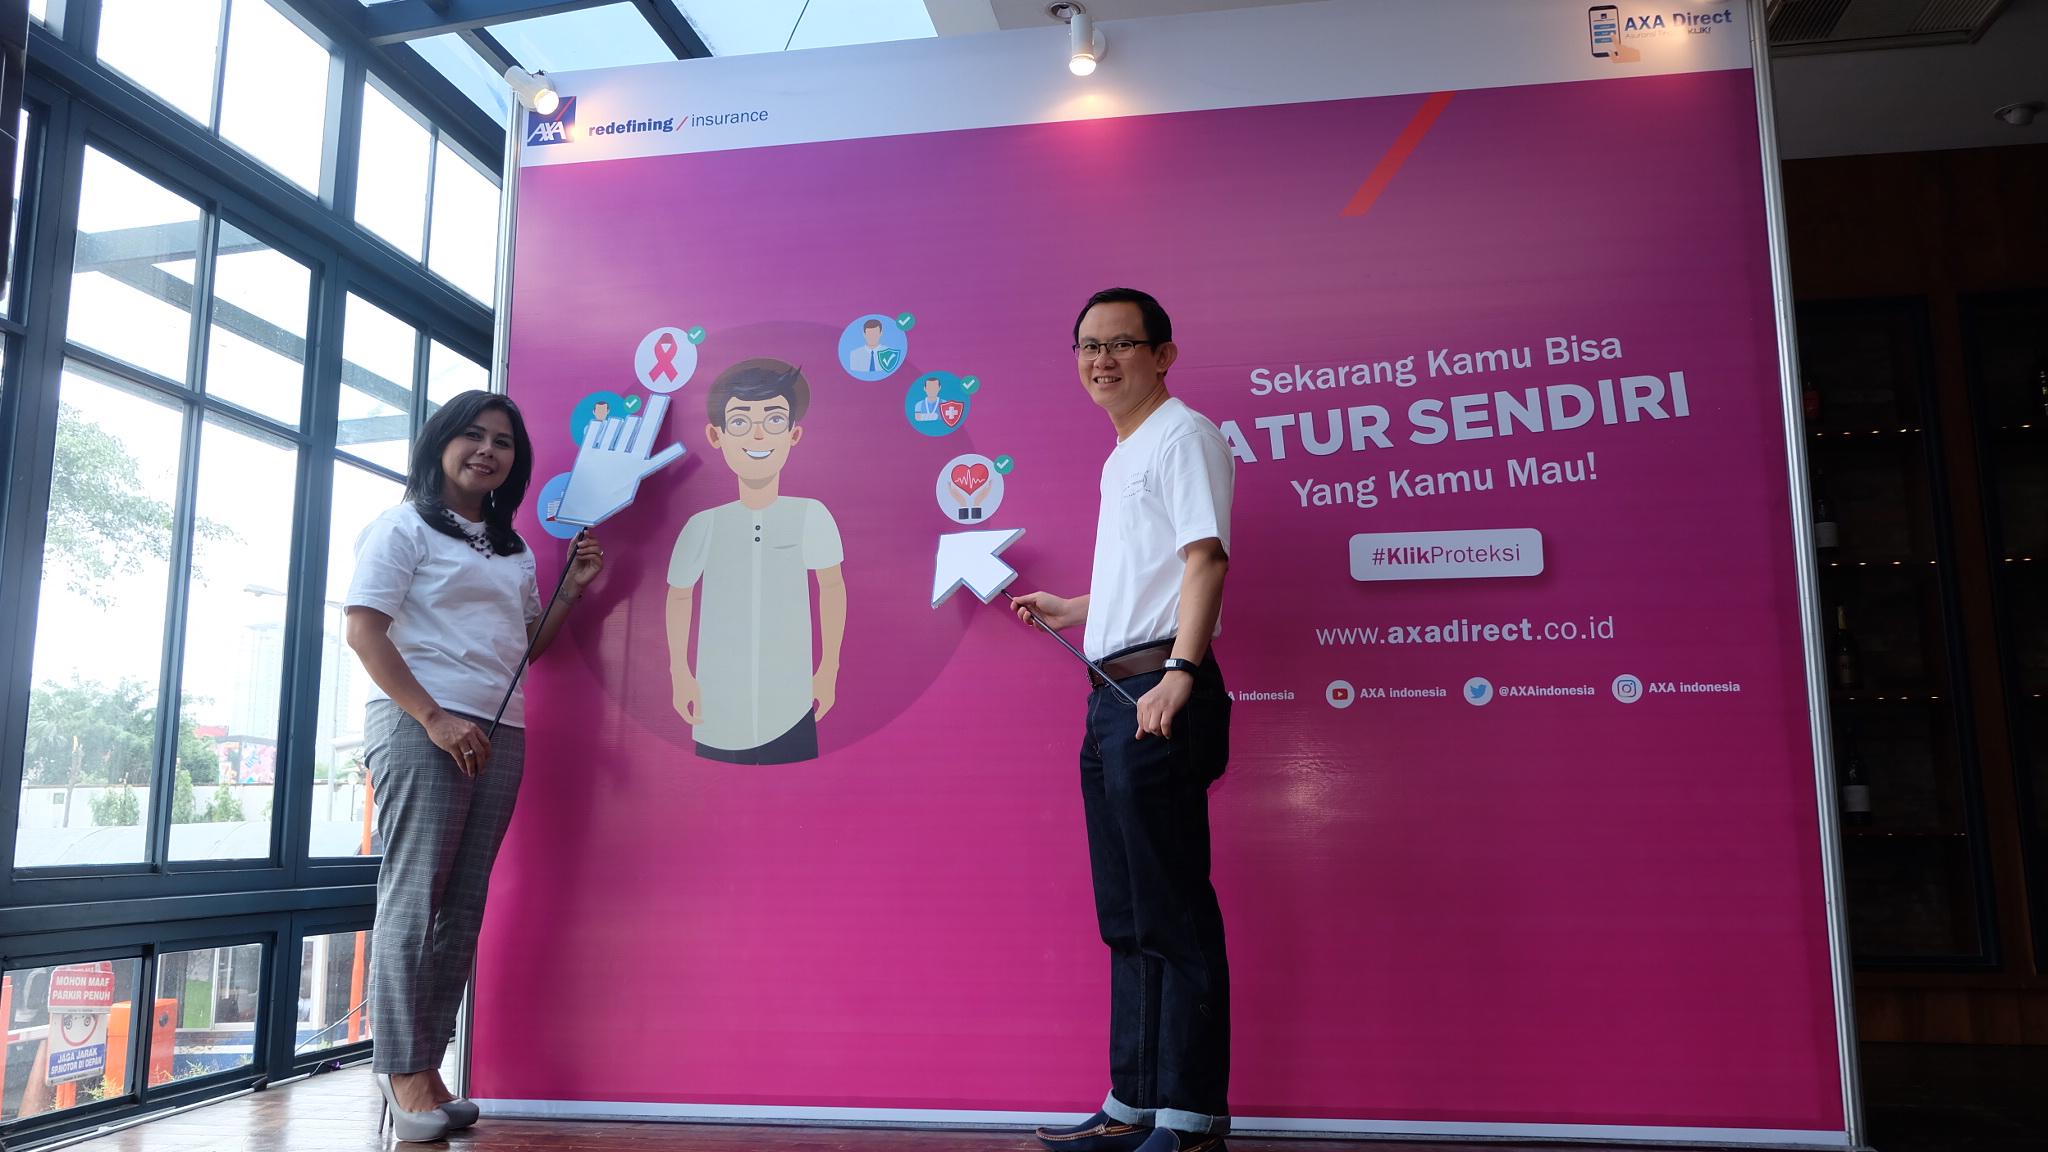 AXA Life Hadirkan Layanan Asuransi Berbasis Digital